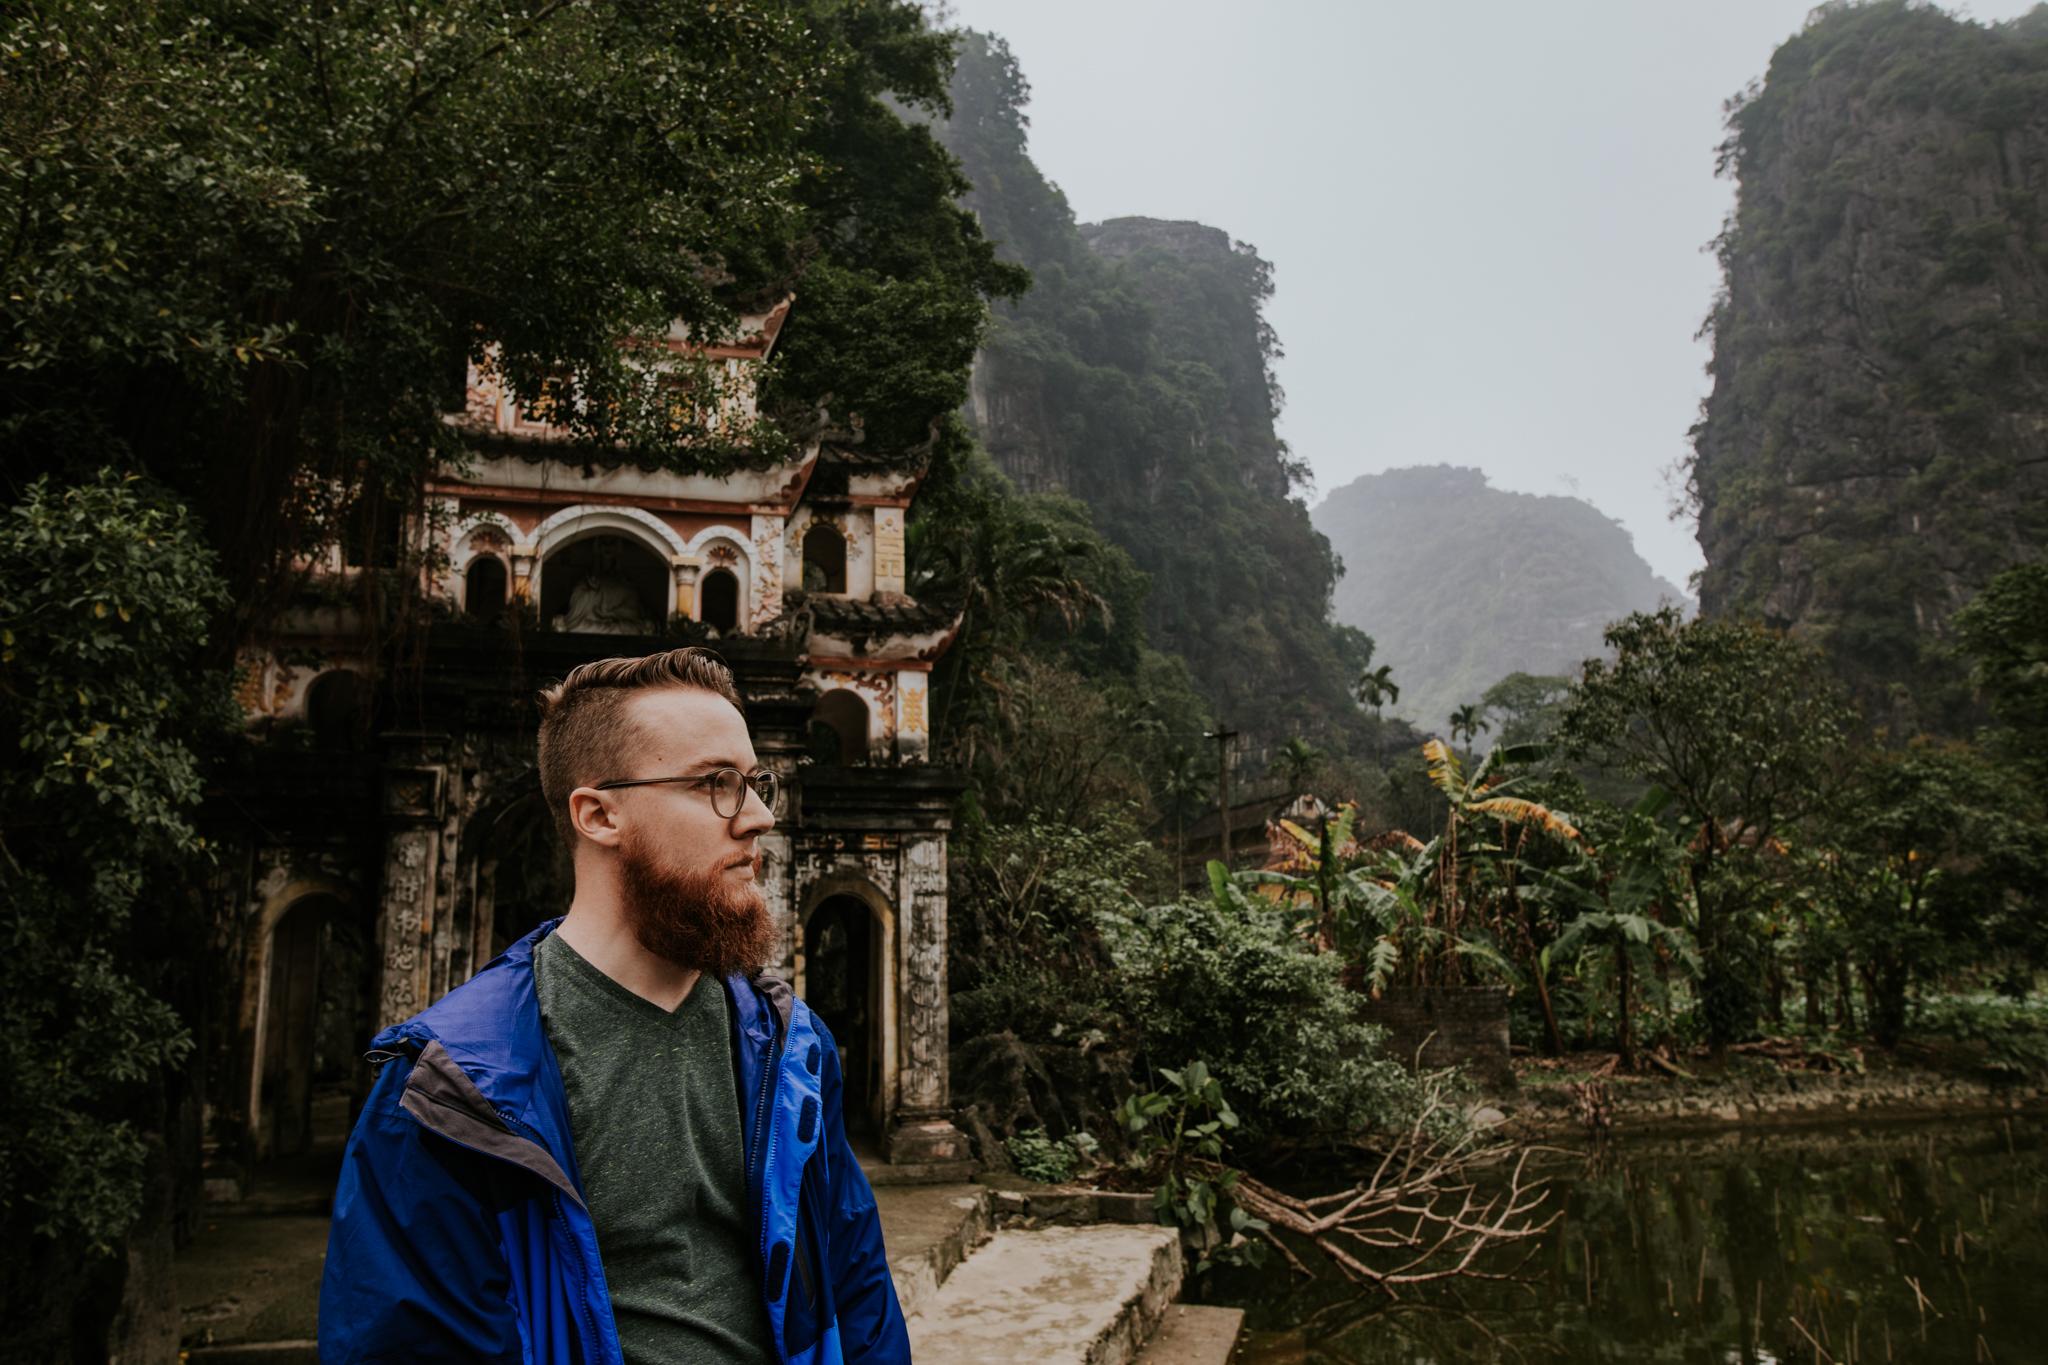 Bich Dong Pagoda - Ninh Binh Vietnam   Destination Elopement Photographer   Vow of the Wild